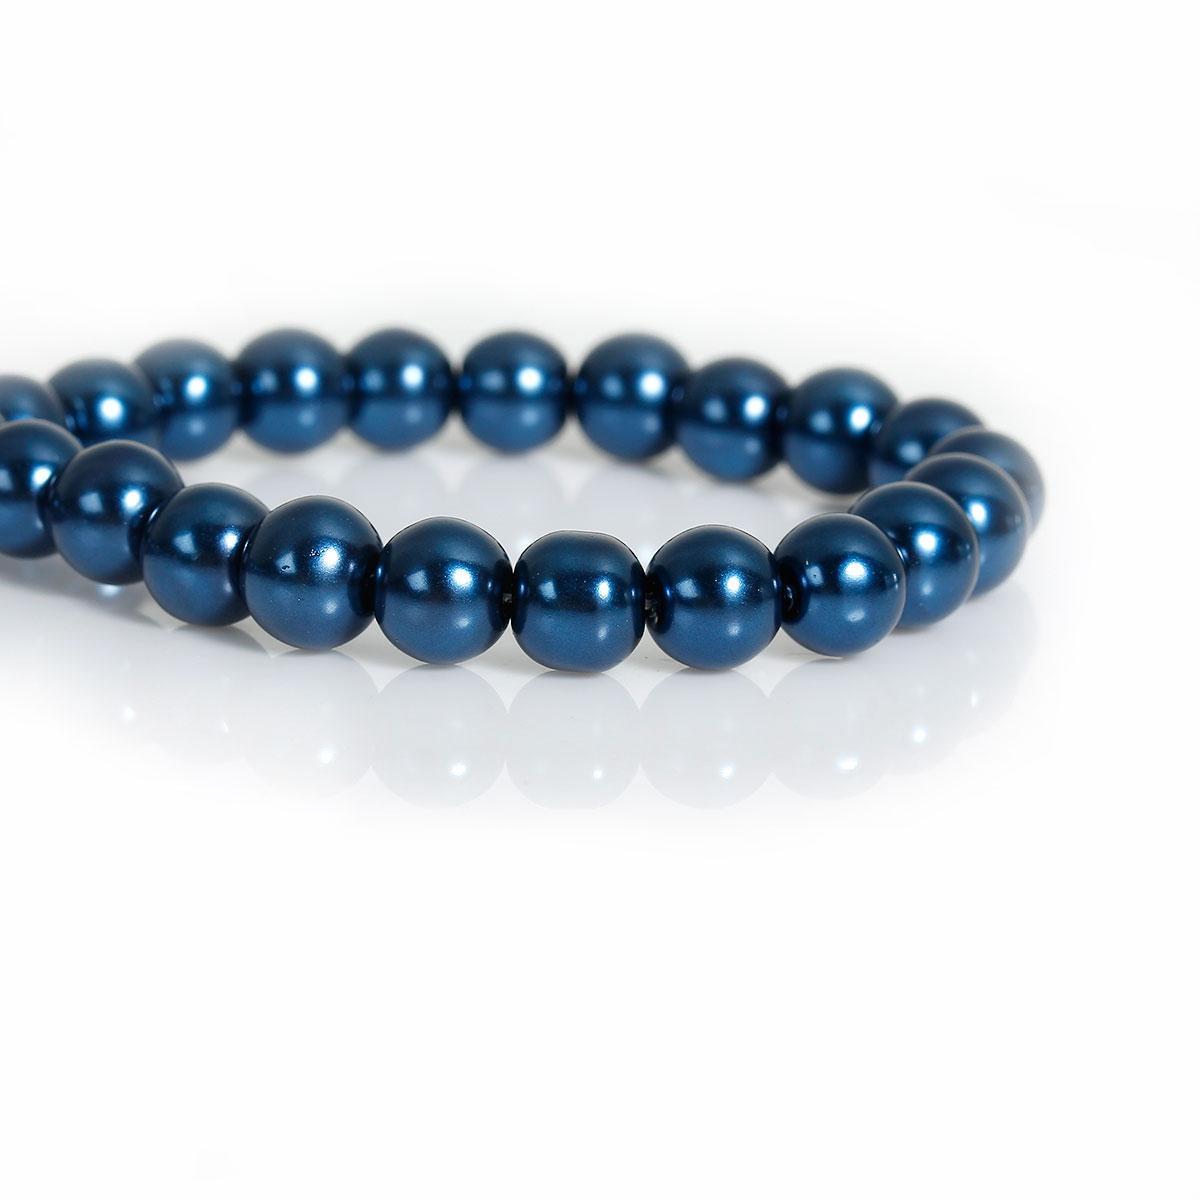 Скляна намистина Кругла, Колір: Чорно-синій, Імітація перлин, 8 мм